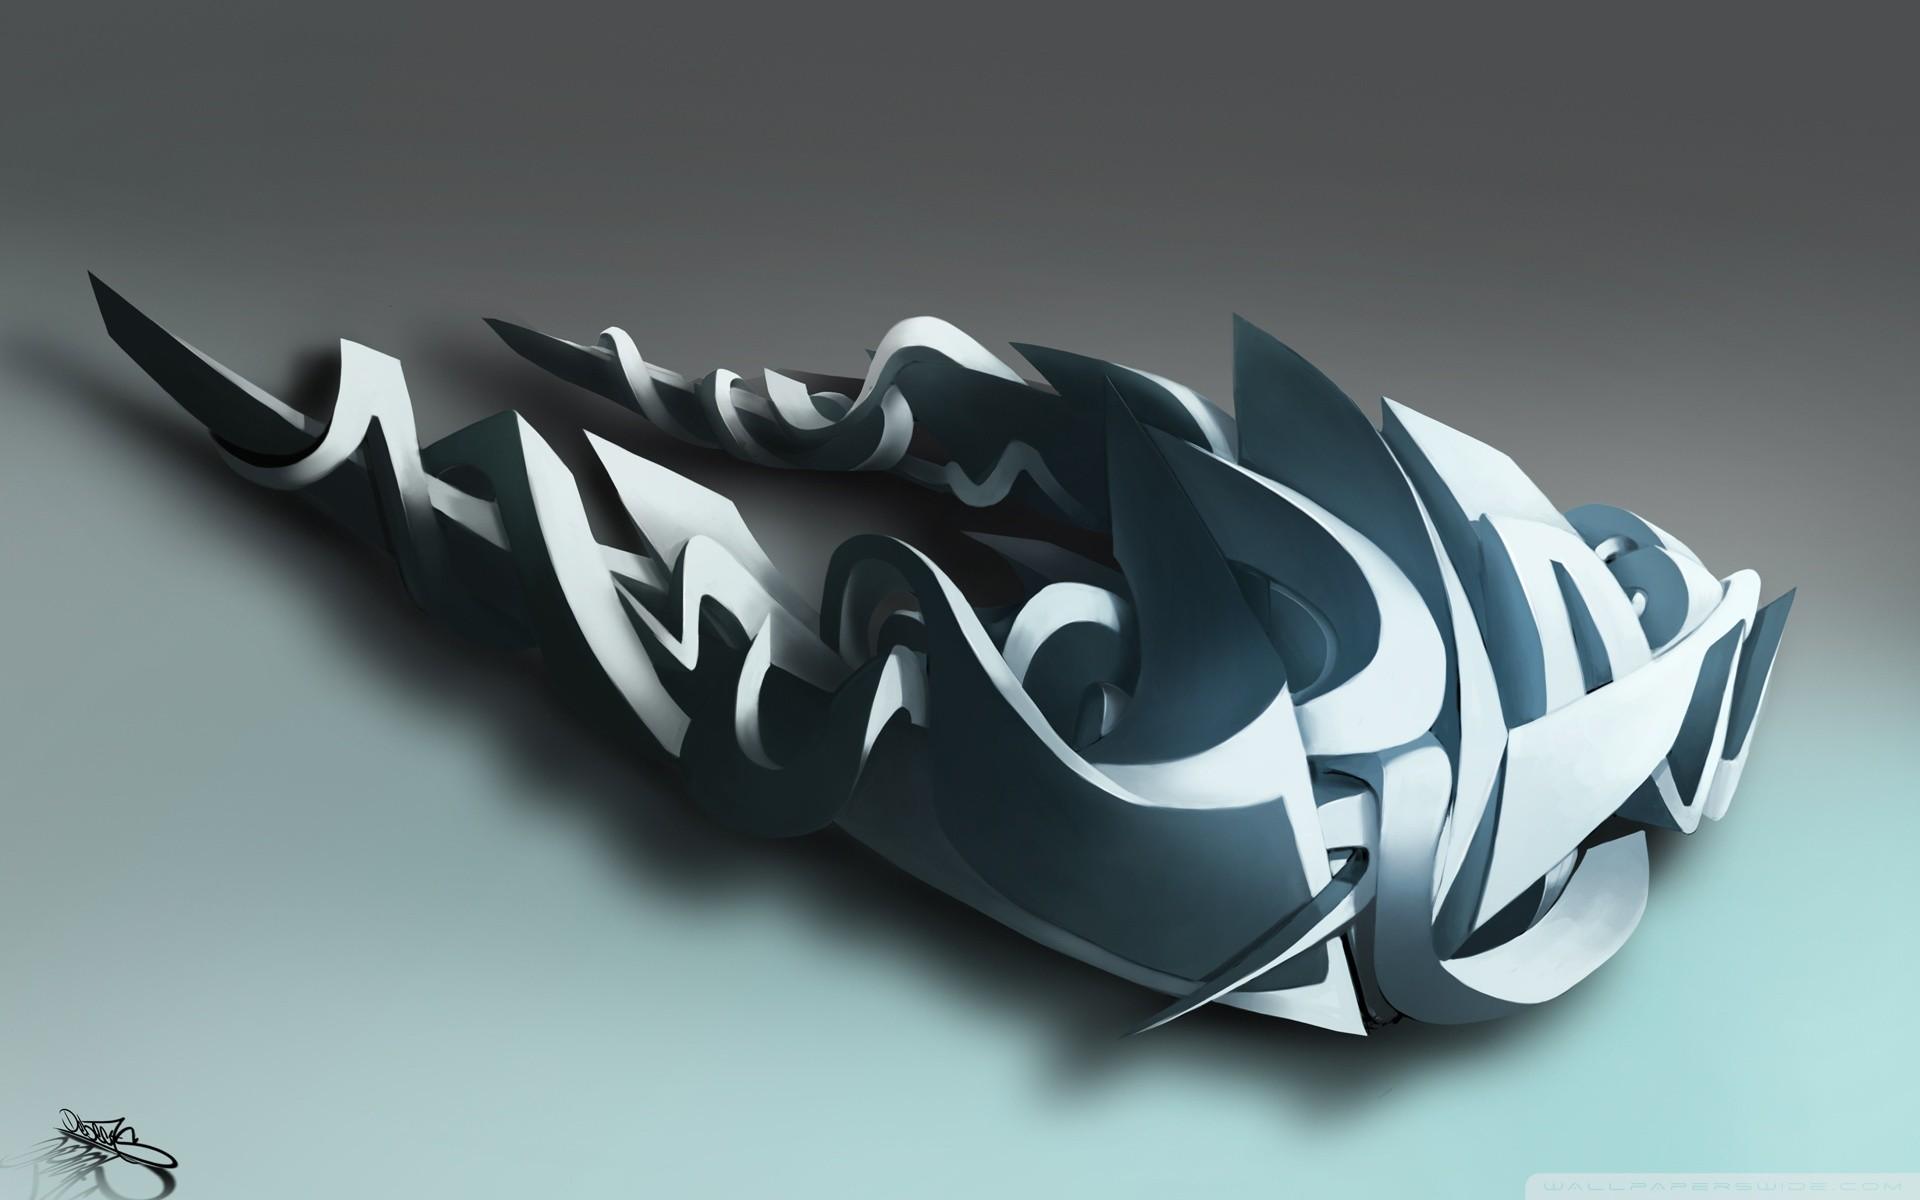 3D Graffiti HD Wide Wallpaper for Widescreen